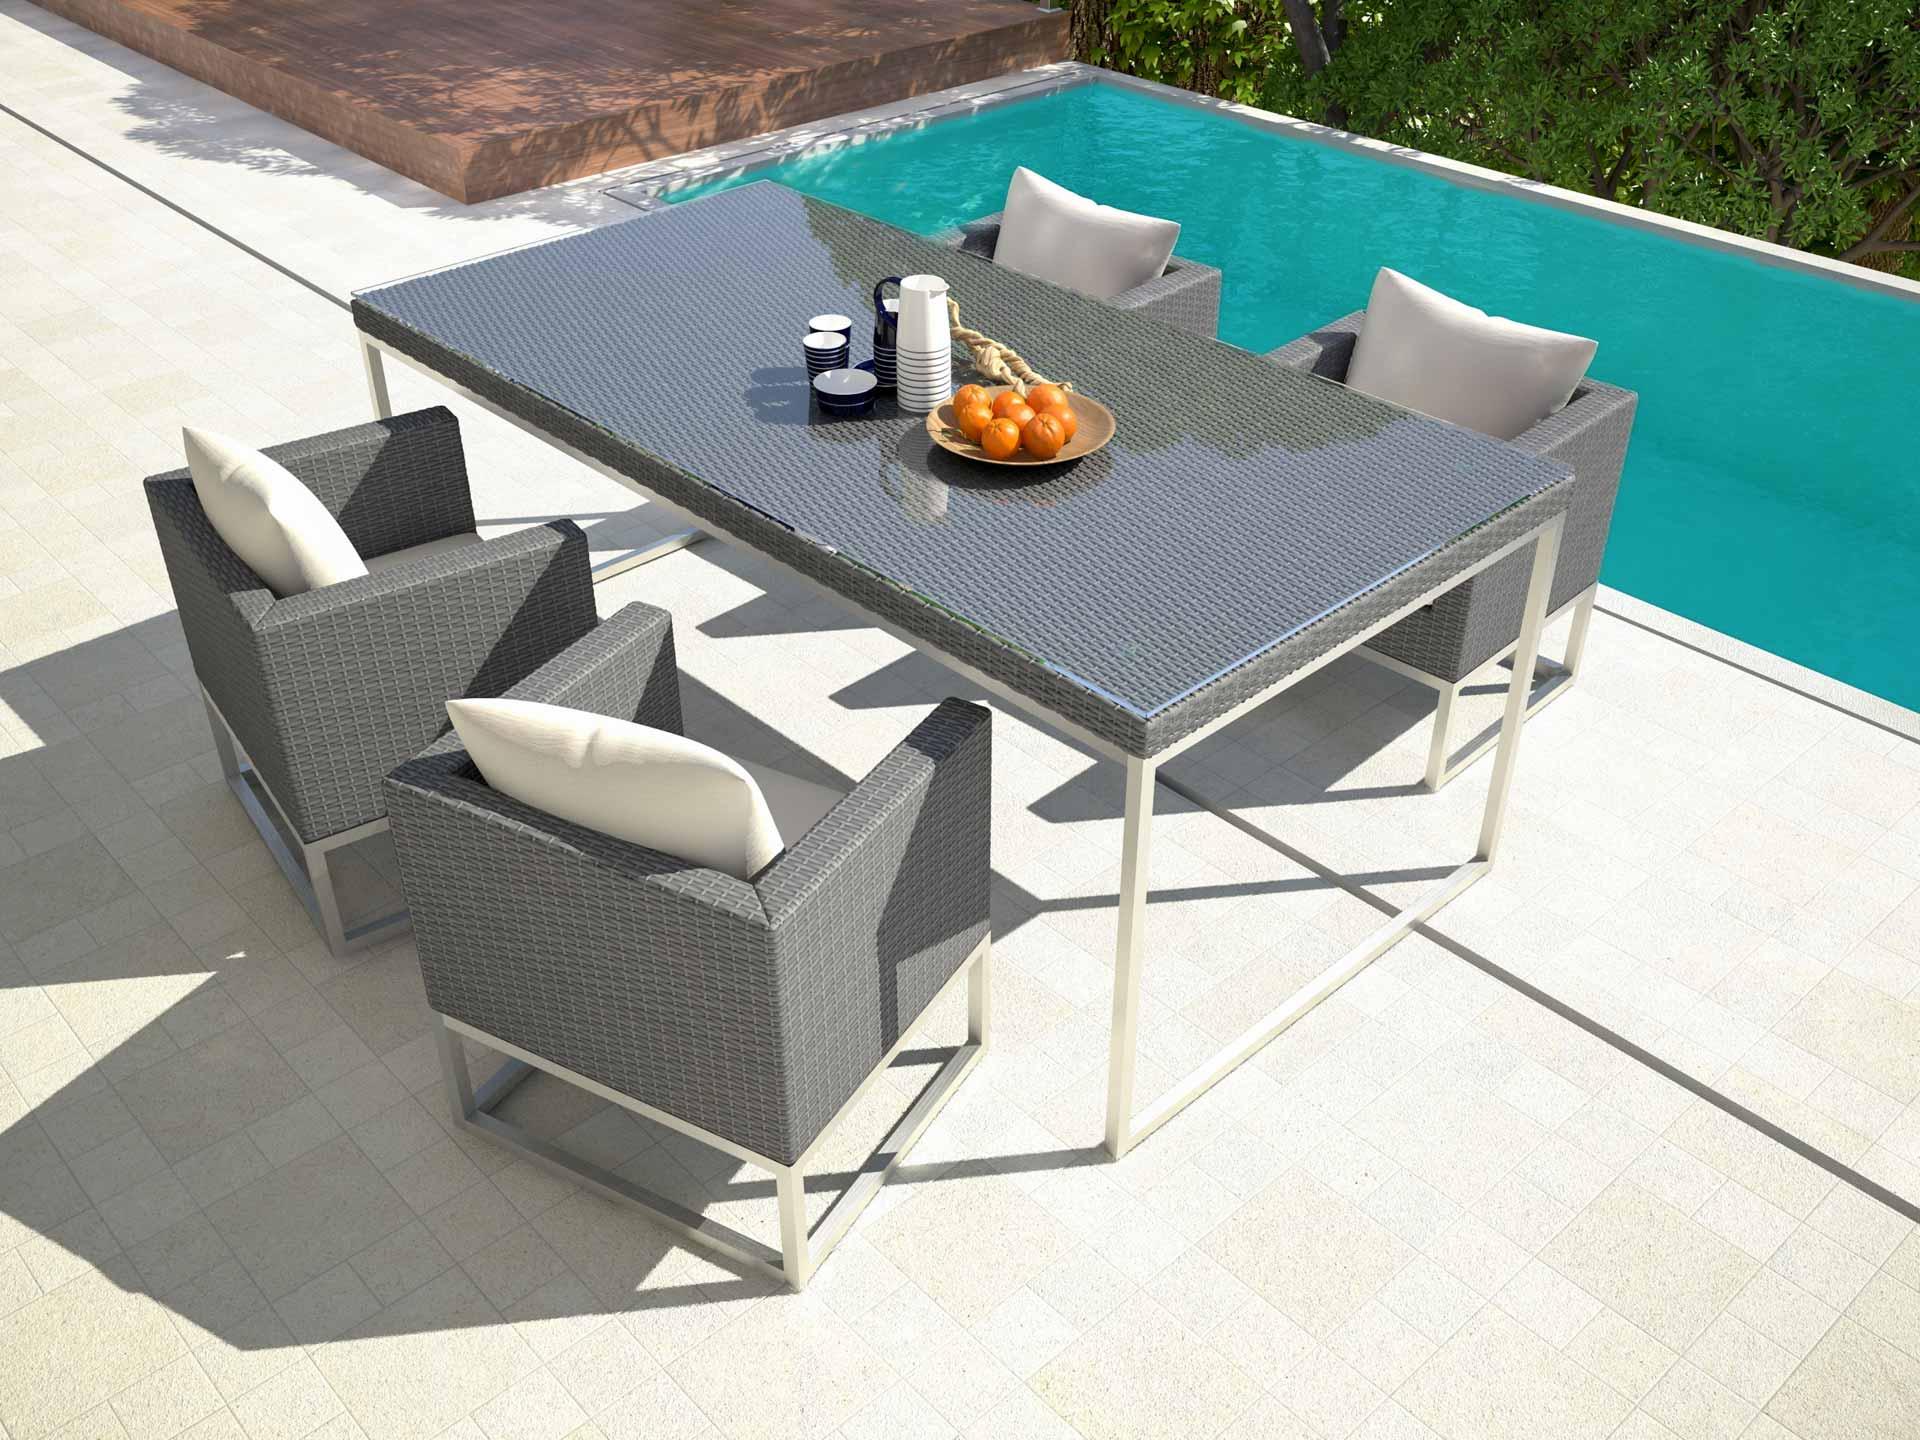 artelia polyrattan aluminium esstisch set mara m. Black Bedroom Furniture Sets. Home Design Ideas